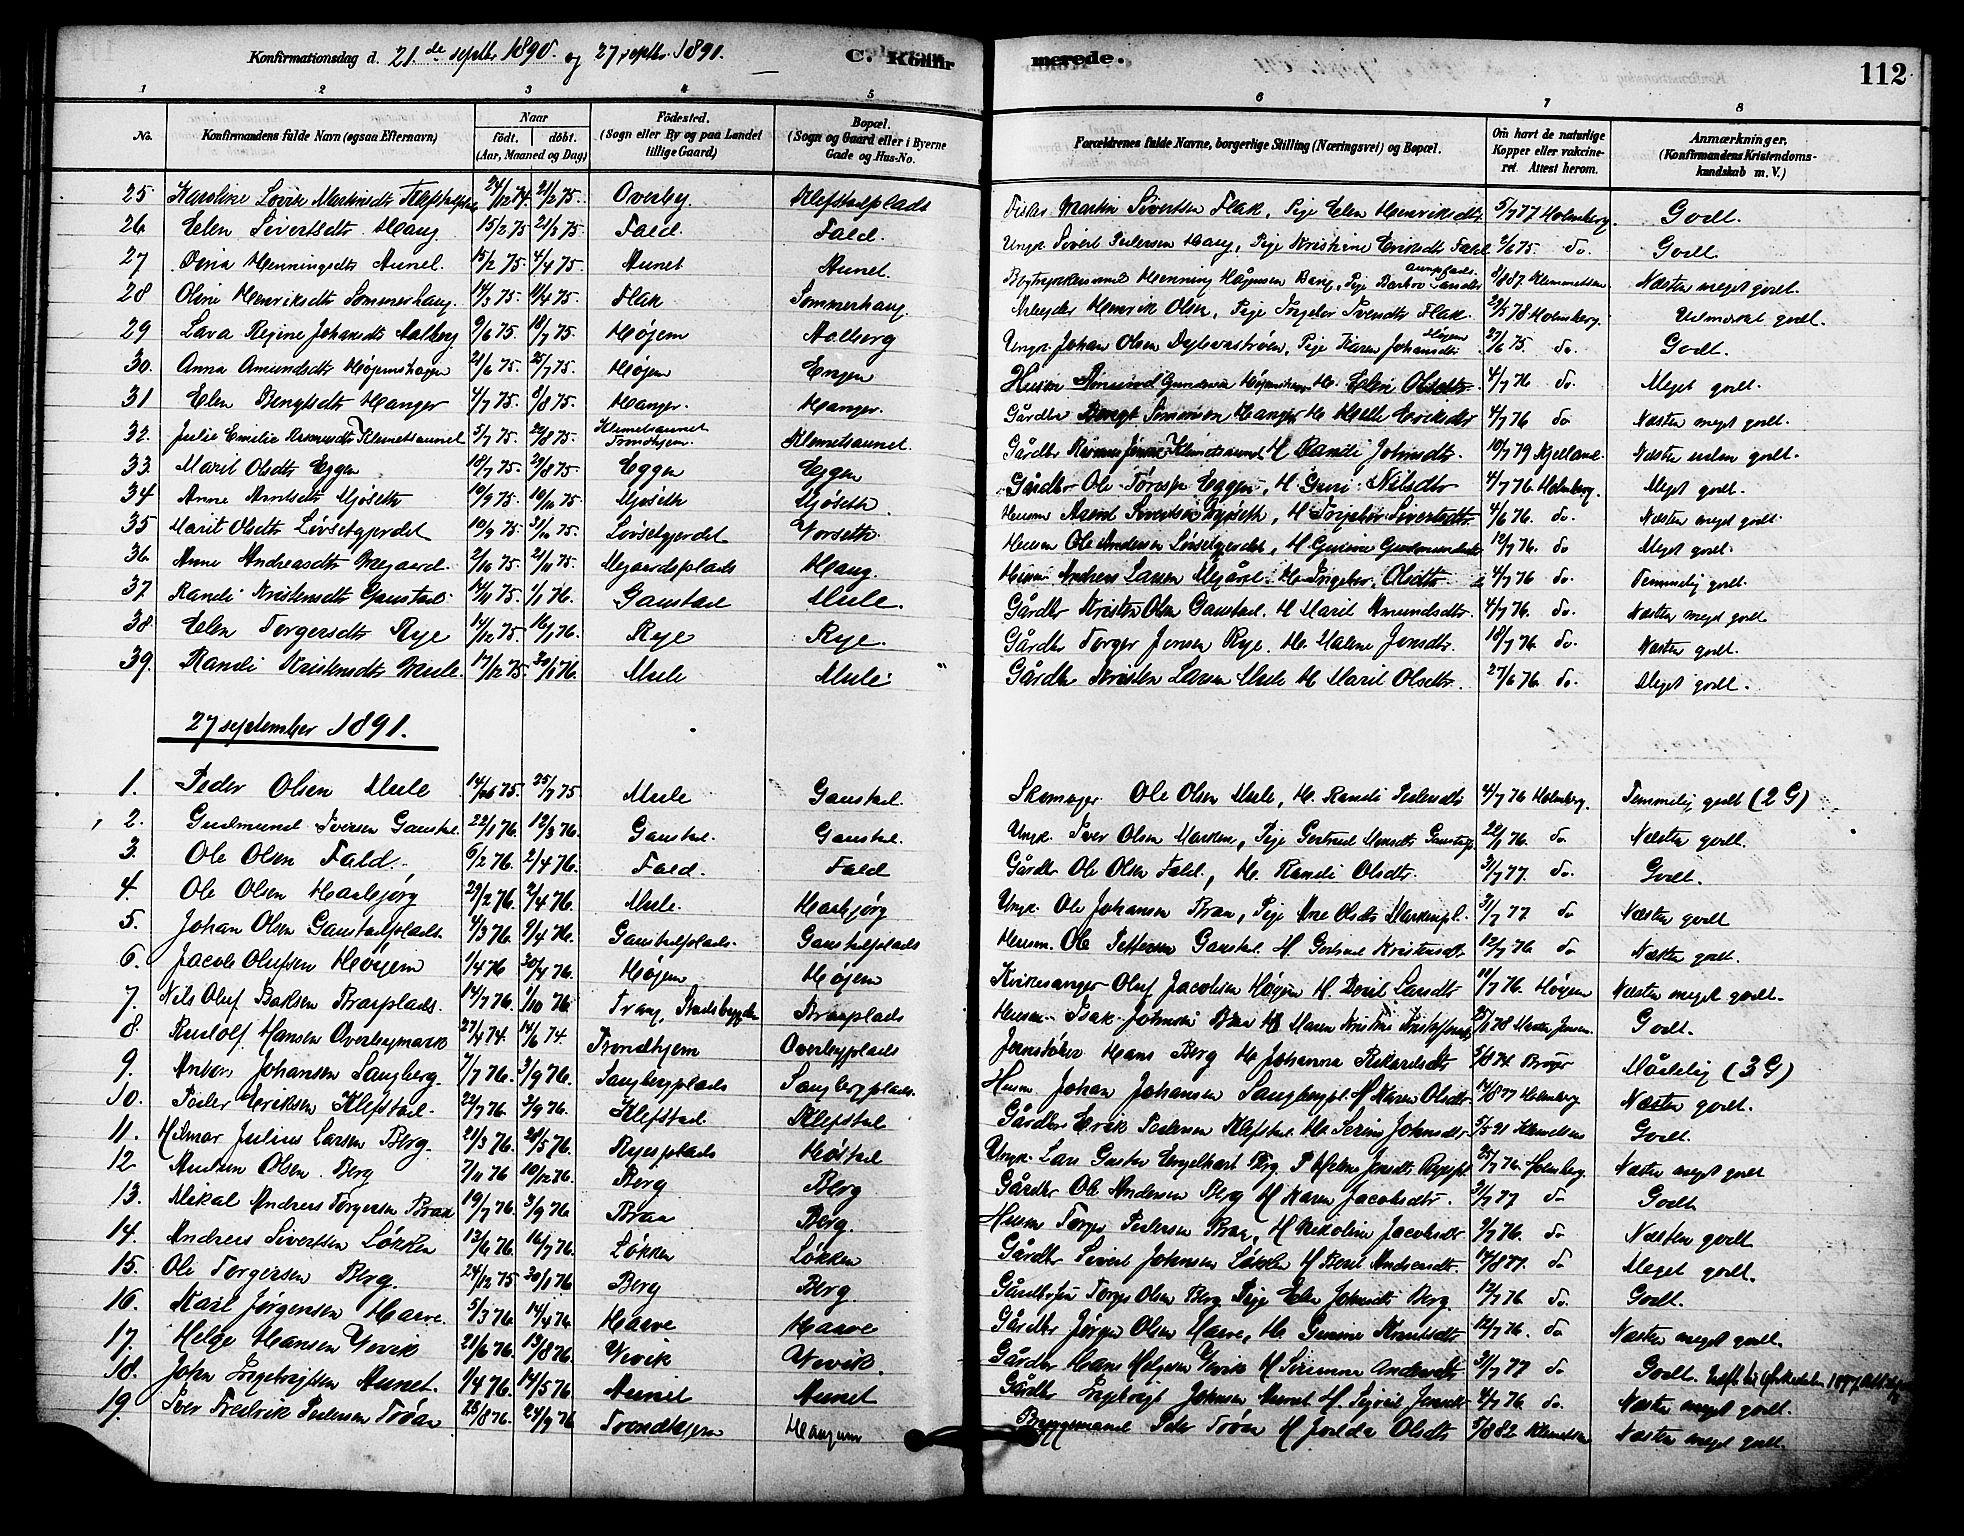 SAT, Ministerialprotokoller, klokkerbøker og fødselsregistre - Sør-Trøndelag, 612/L0378: Ministerialbok nr. 612A10, 1878-1897, s. 112